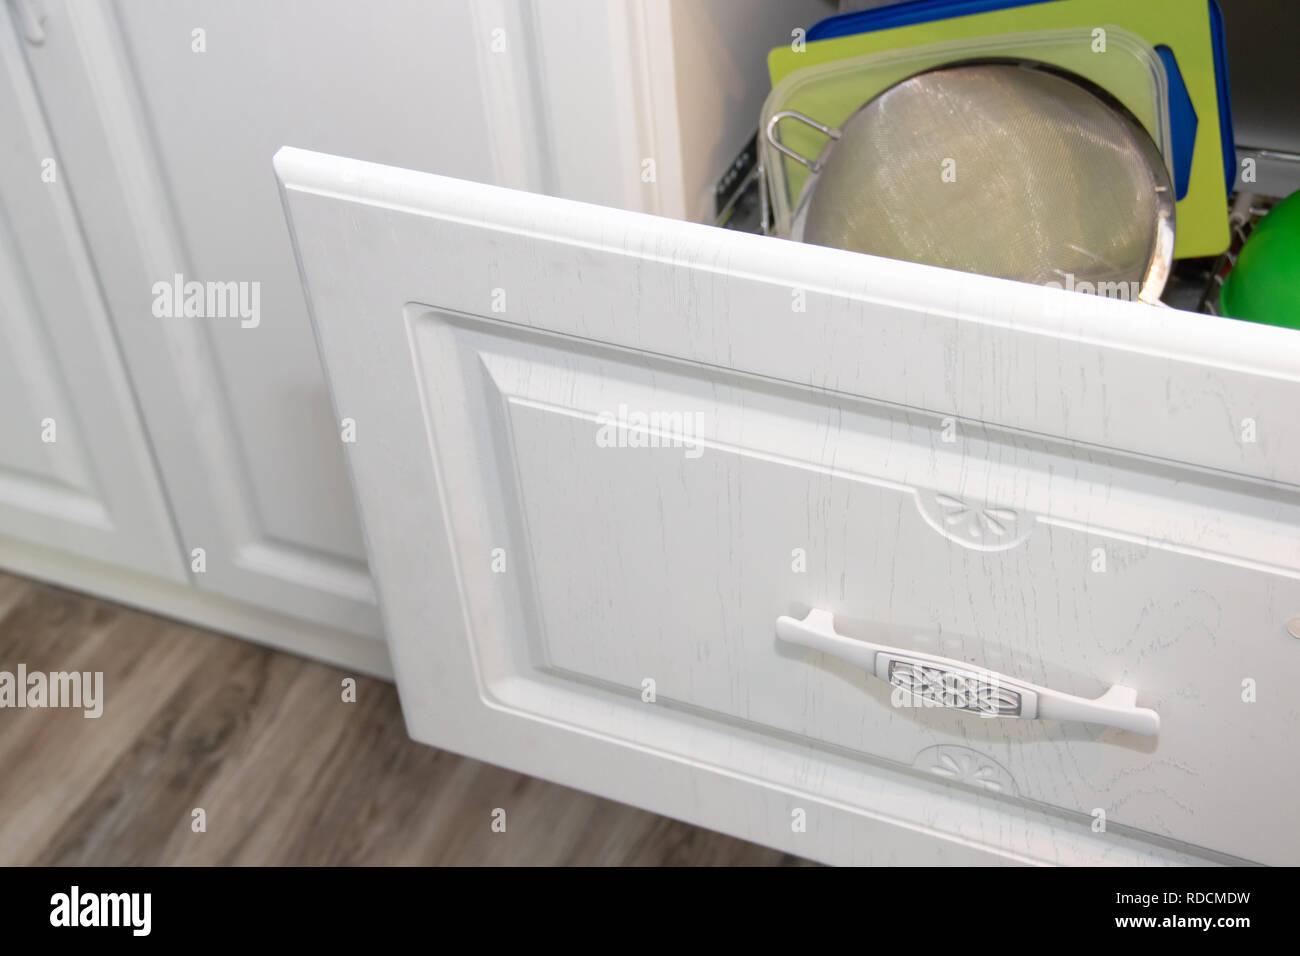 Cucina bianca. Cucina in legno. Arredamento moderno e la ...